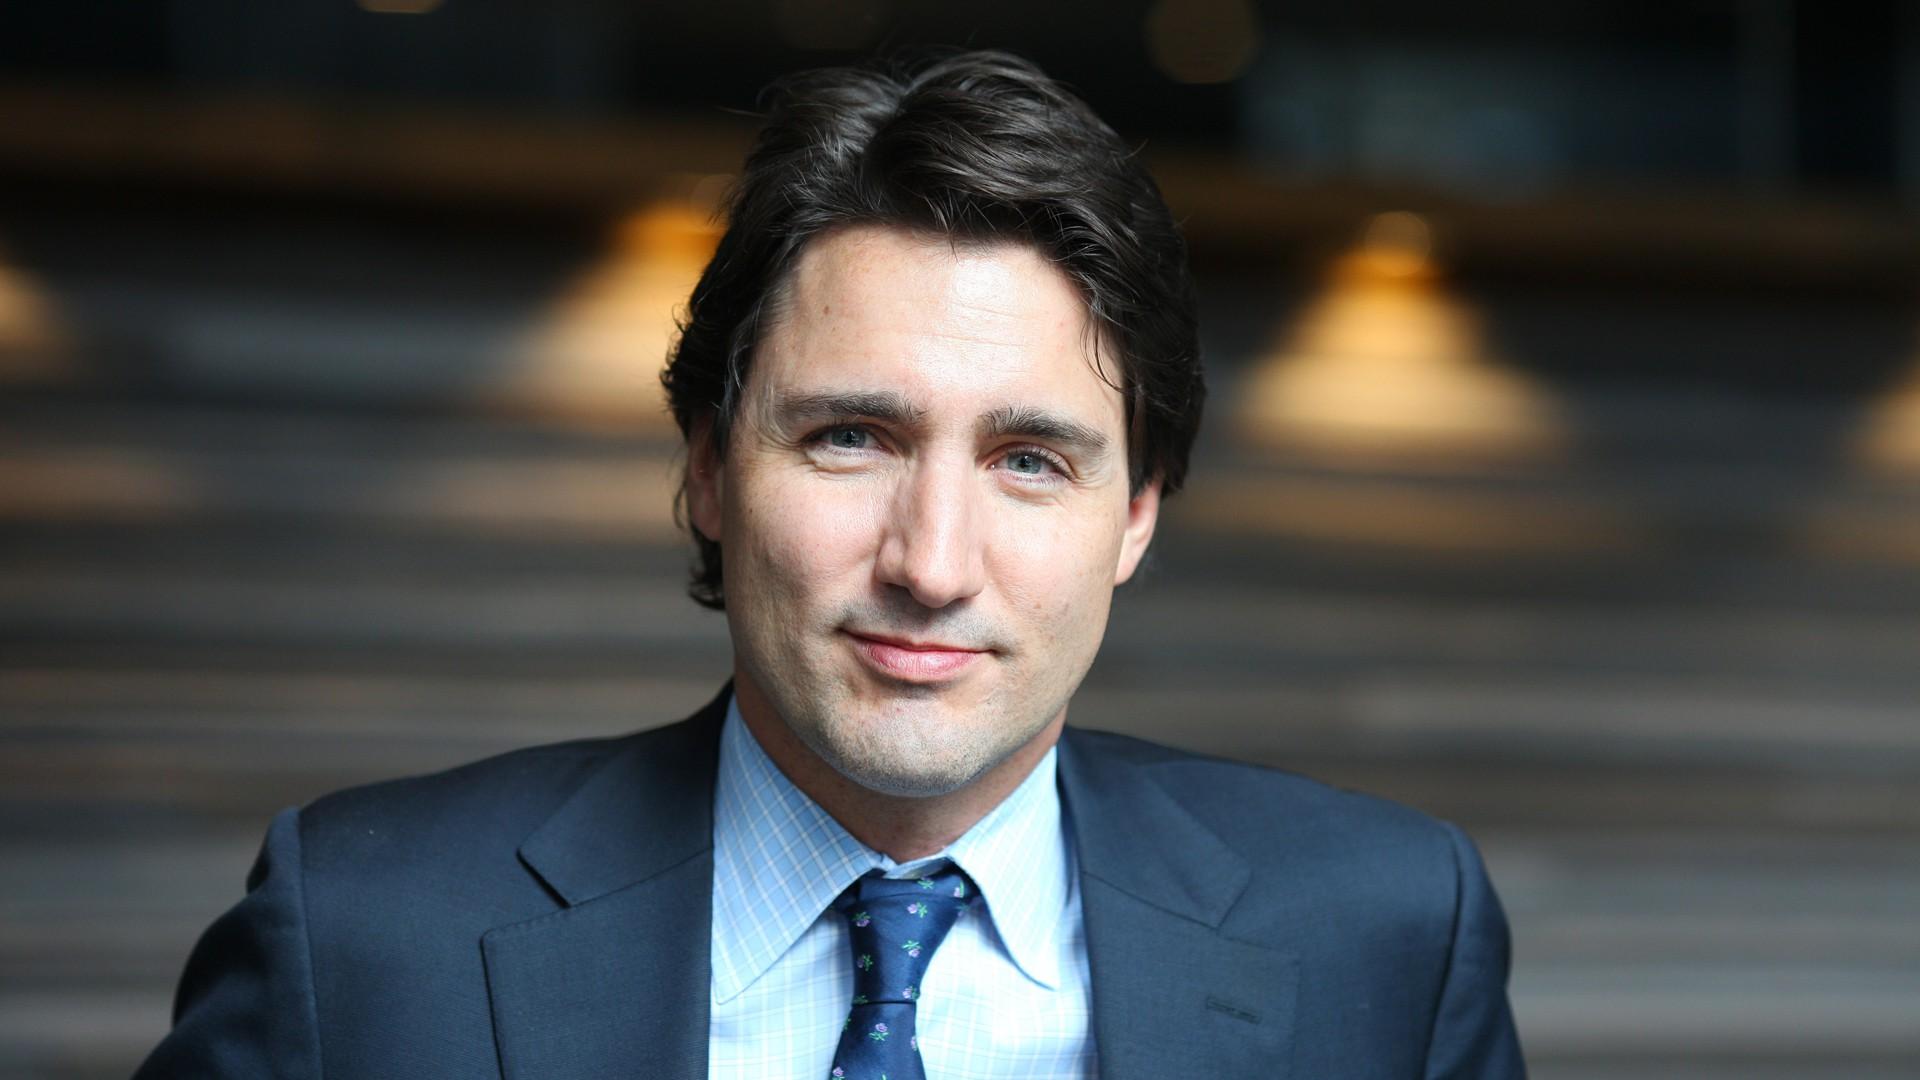 Nổi tiếng bởi vẻ điển trai và lịch lãm, khi đặt chân tới Việt Nam, Thủ tướng Canada lại càng khiến mọi người phải trầm trồ - Ảnh 1.